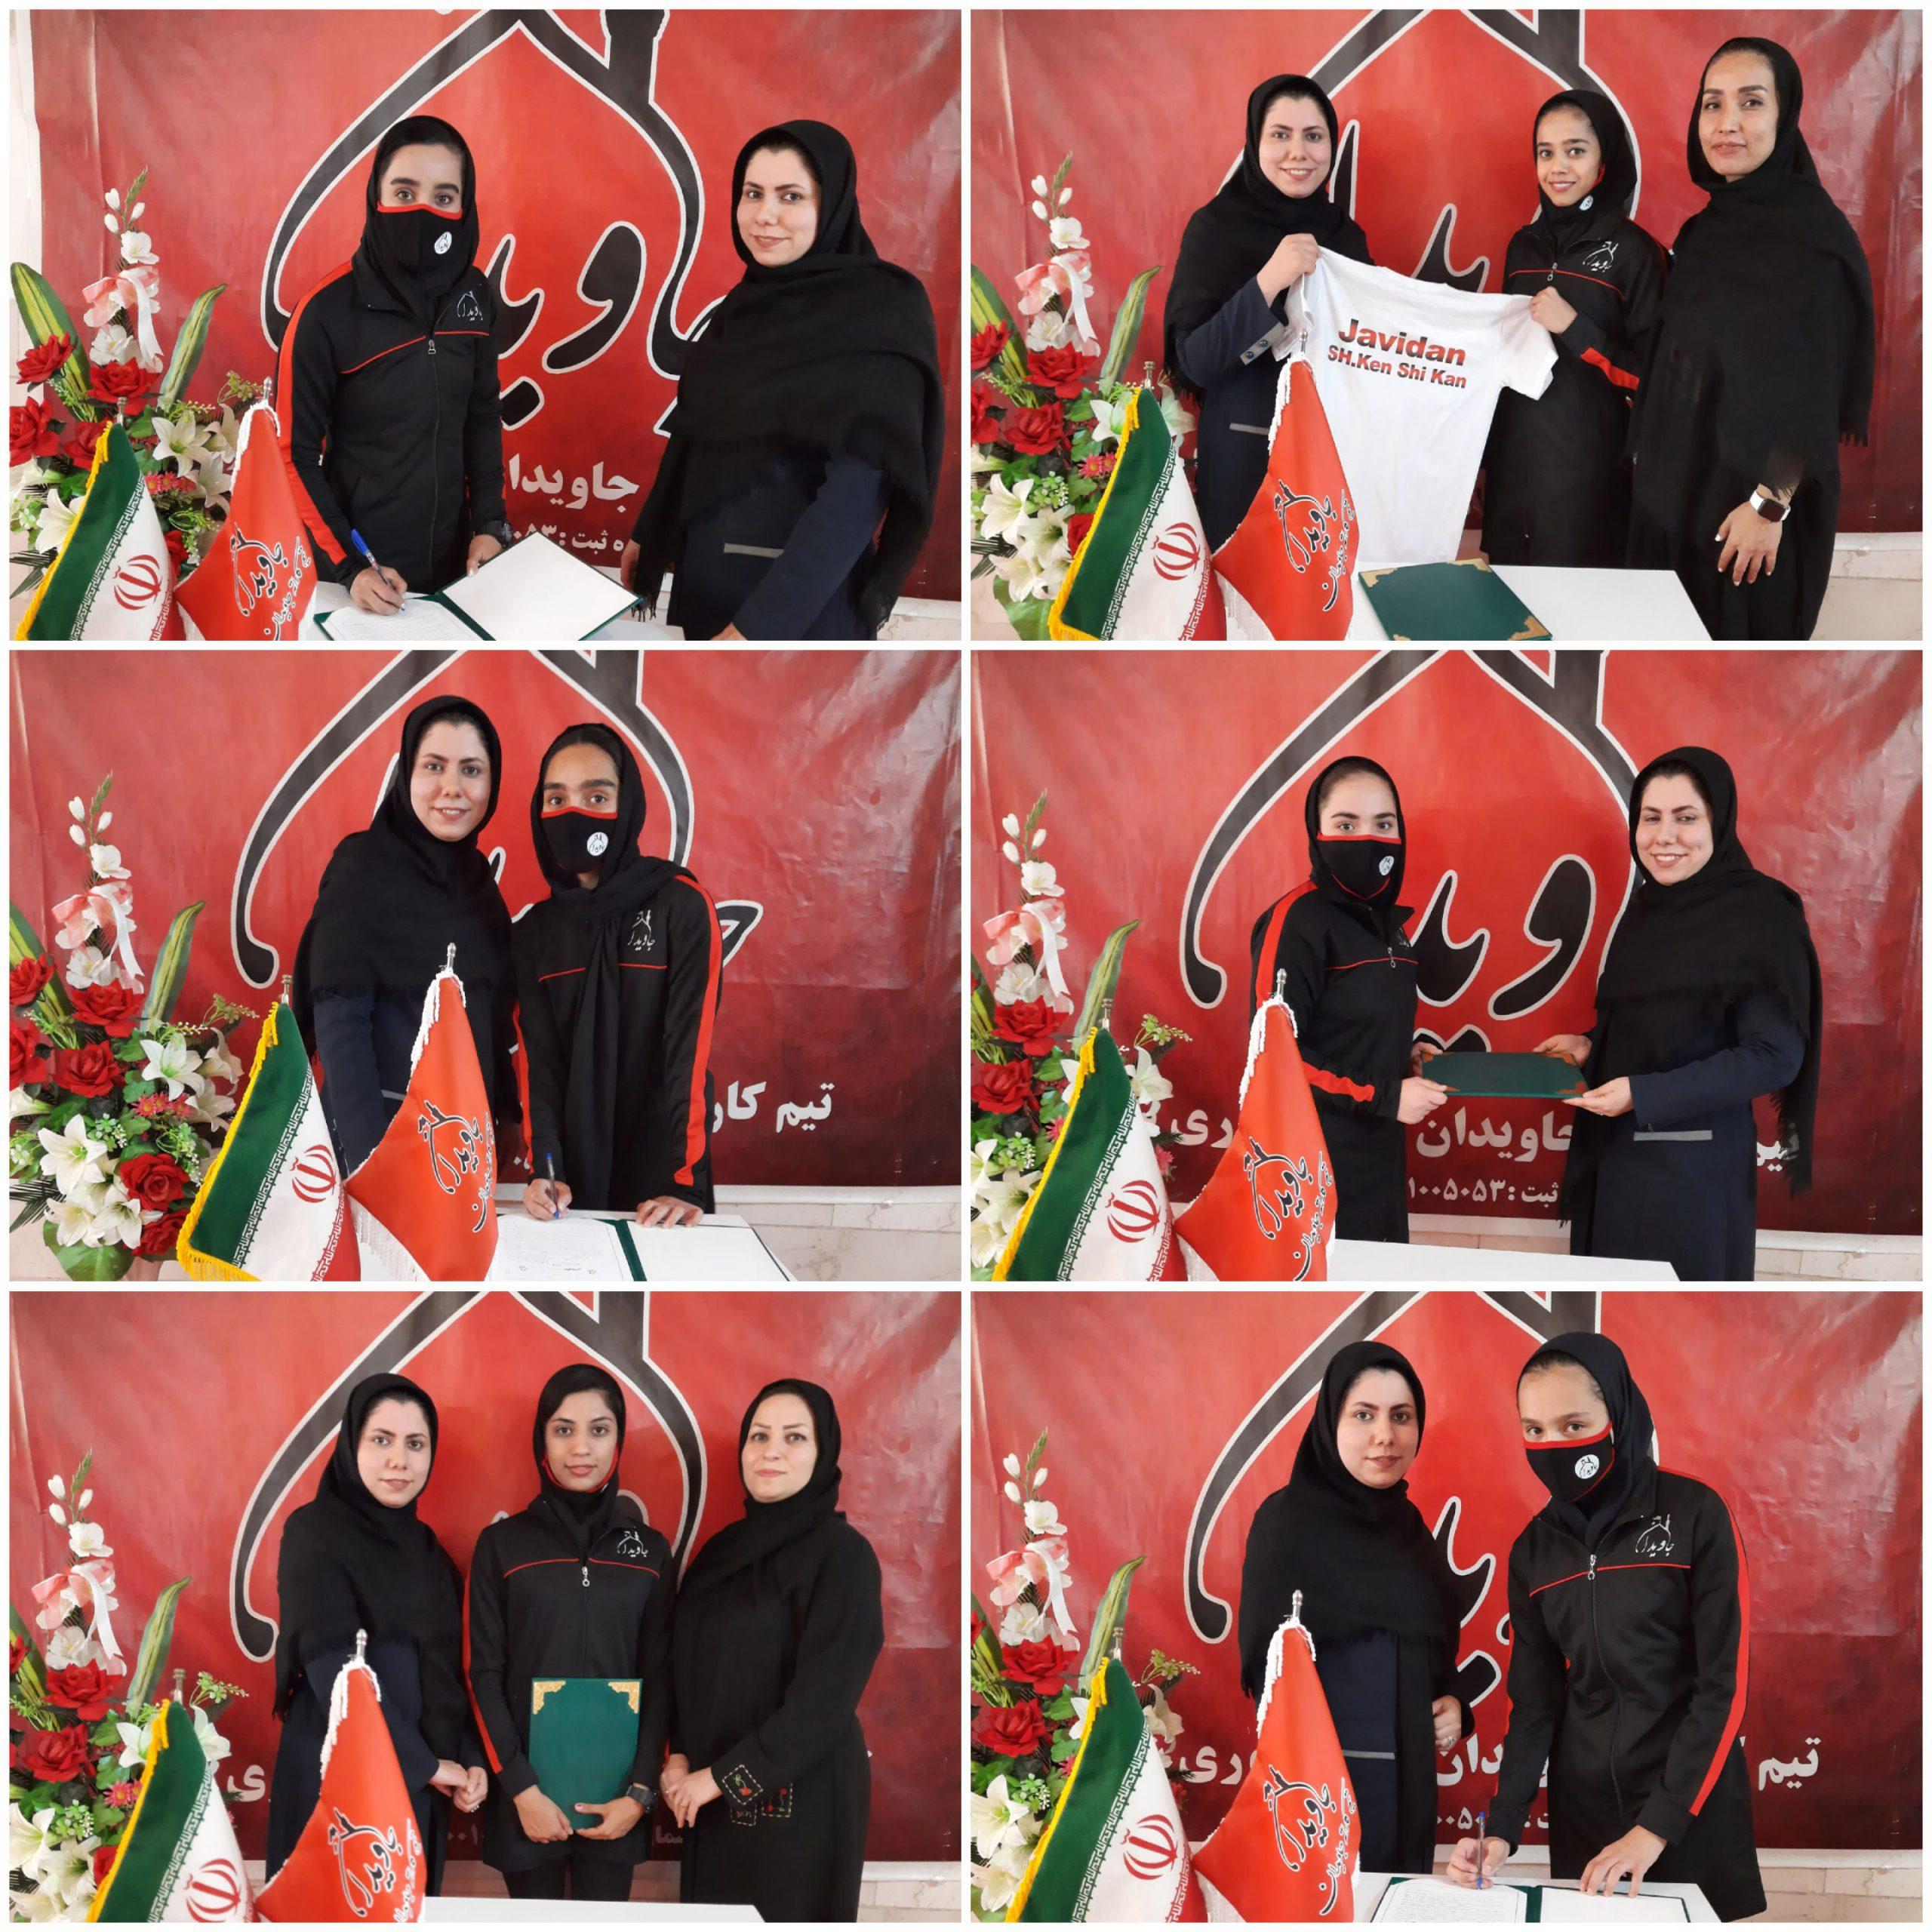 قهرمانان کاراته خراسان در تیم جاویدان